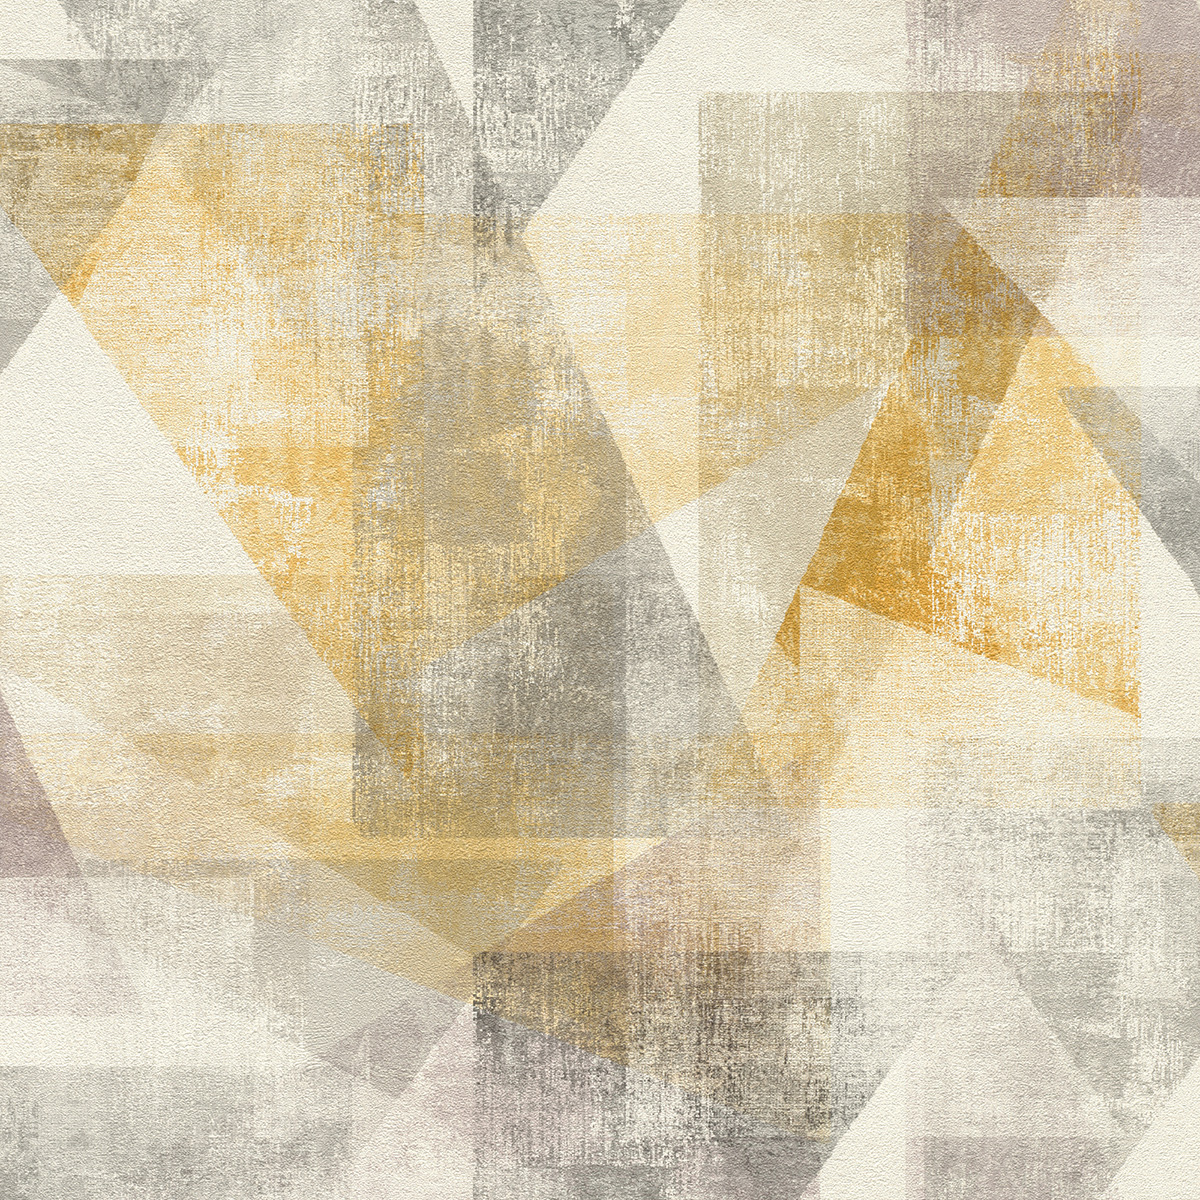 Тапет Инспирейшън 2 цветни абстрактни триъгълници жълто